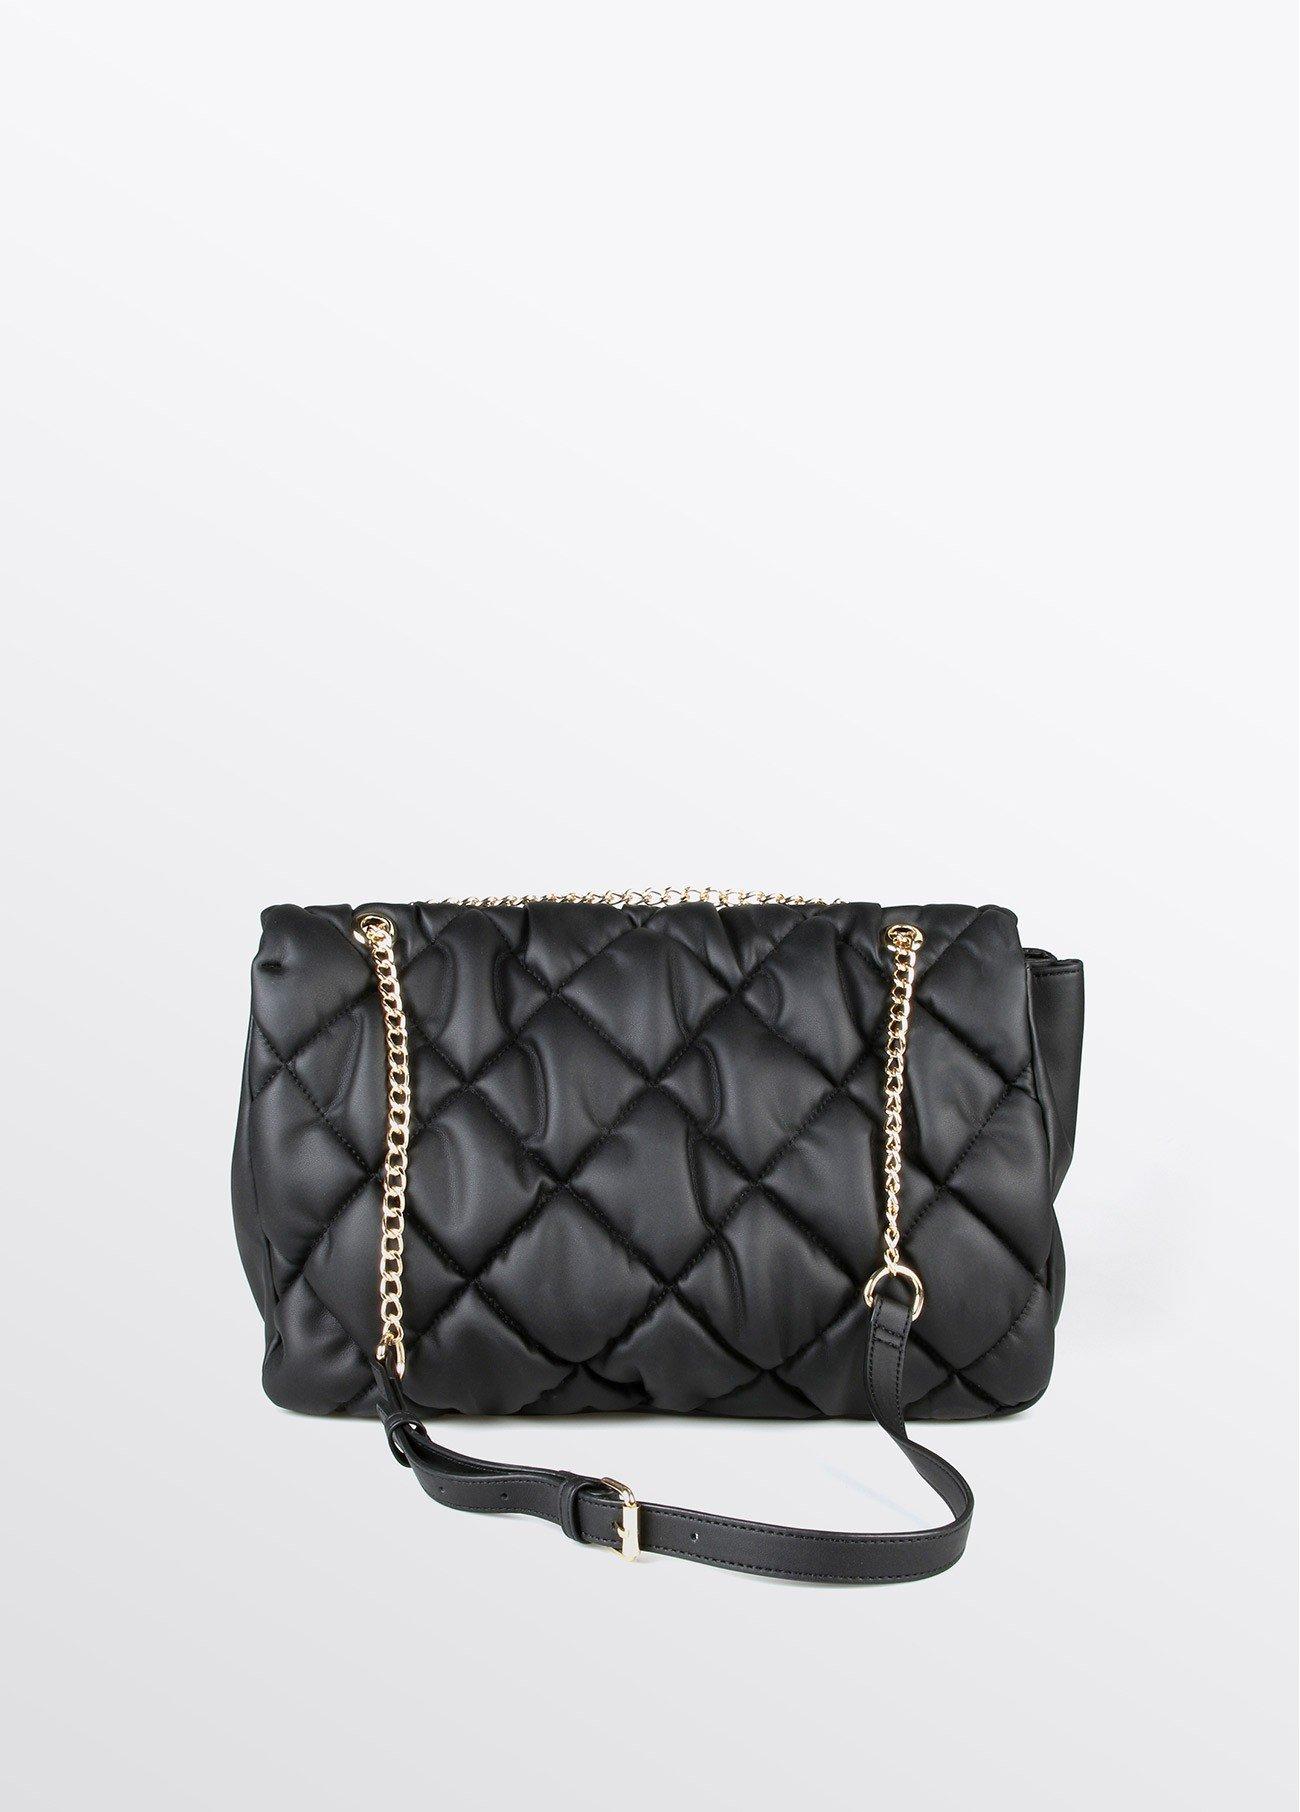 Bolso maxi acolchado con cadena, negro 2